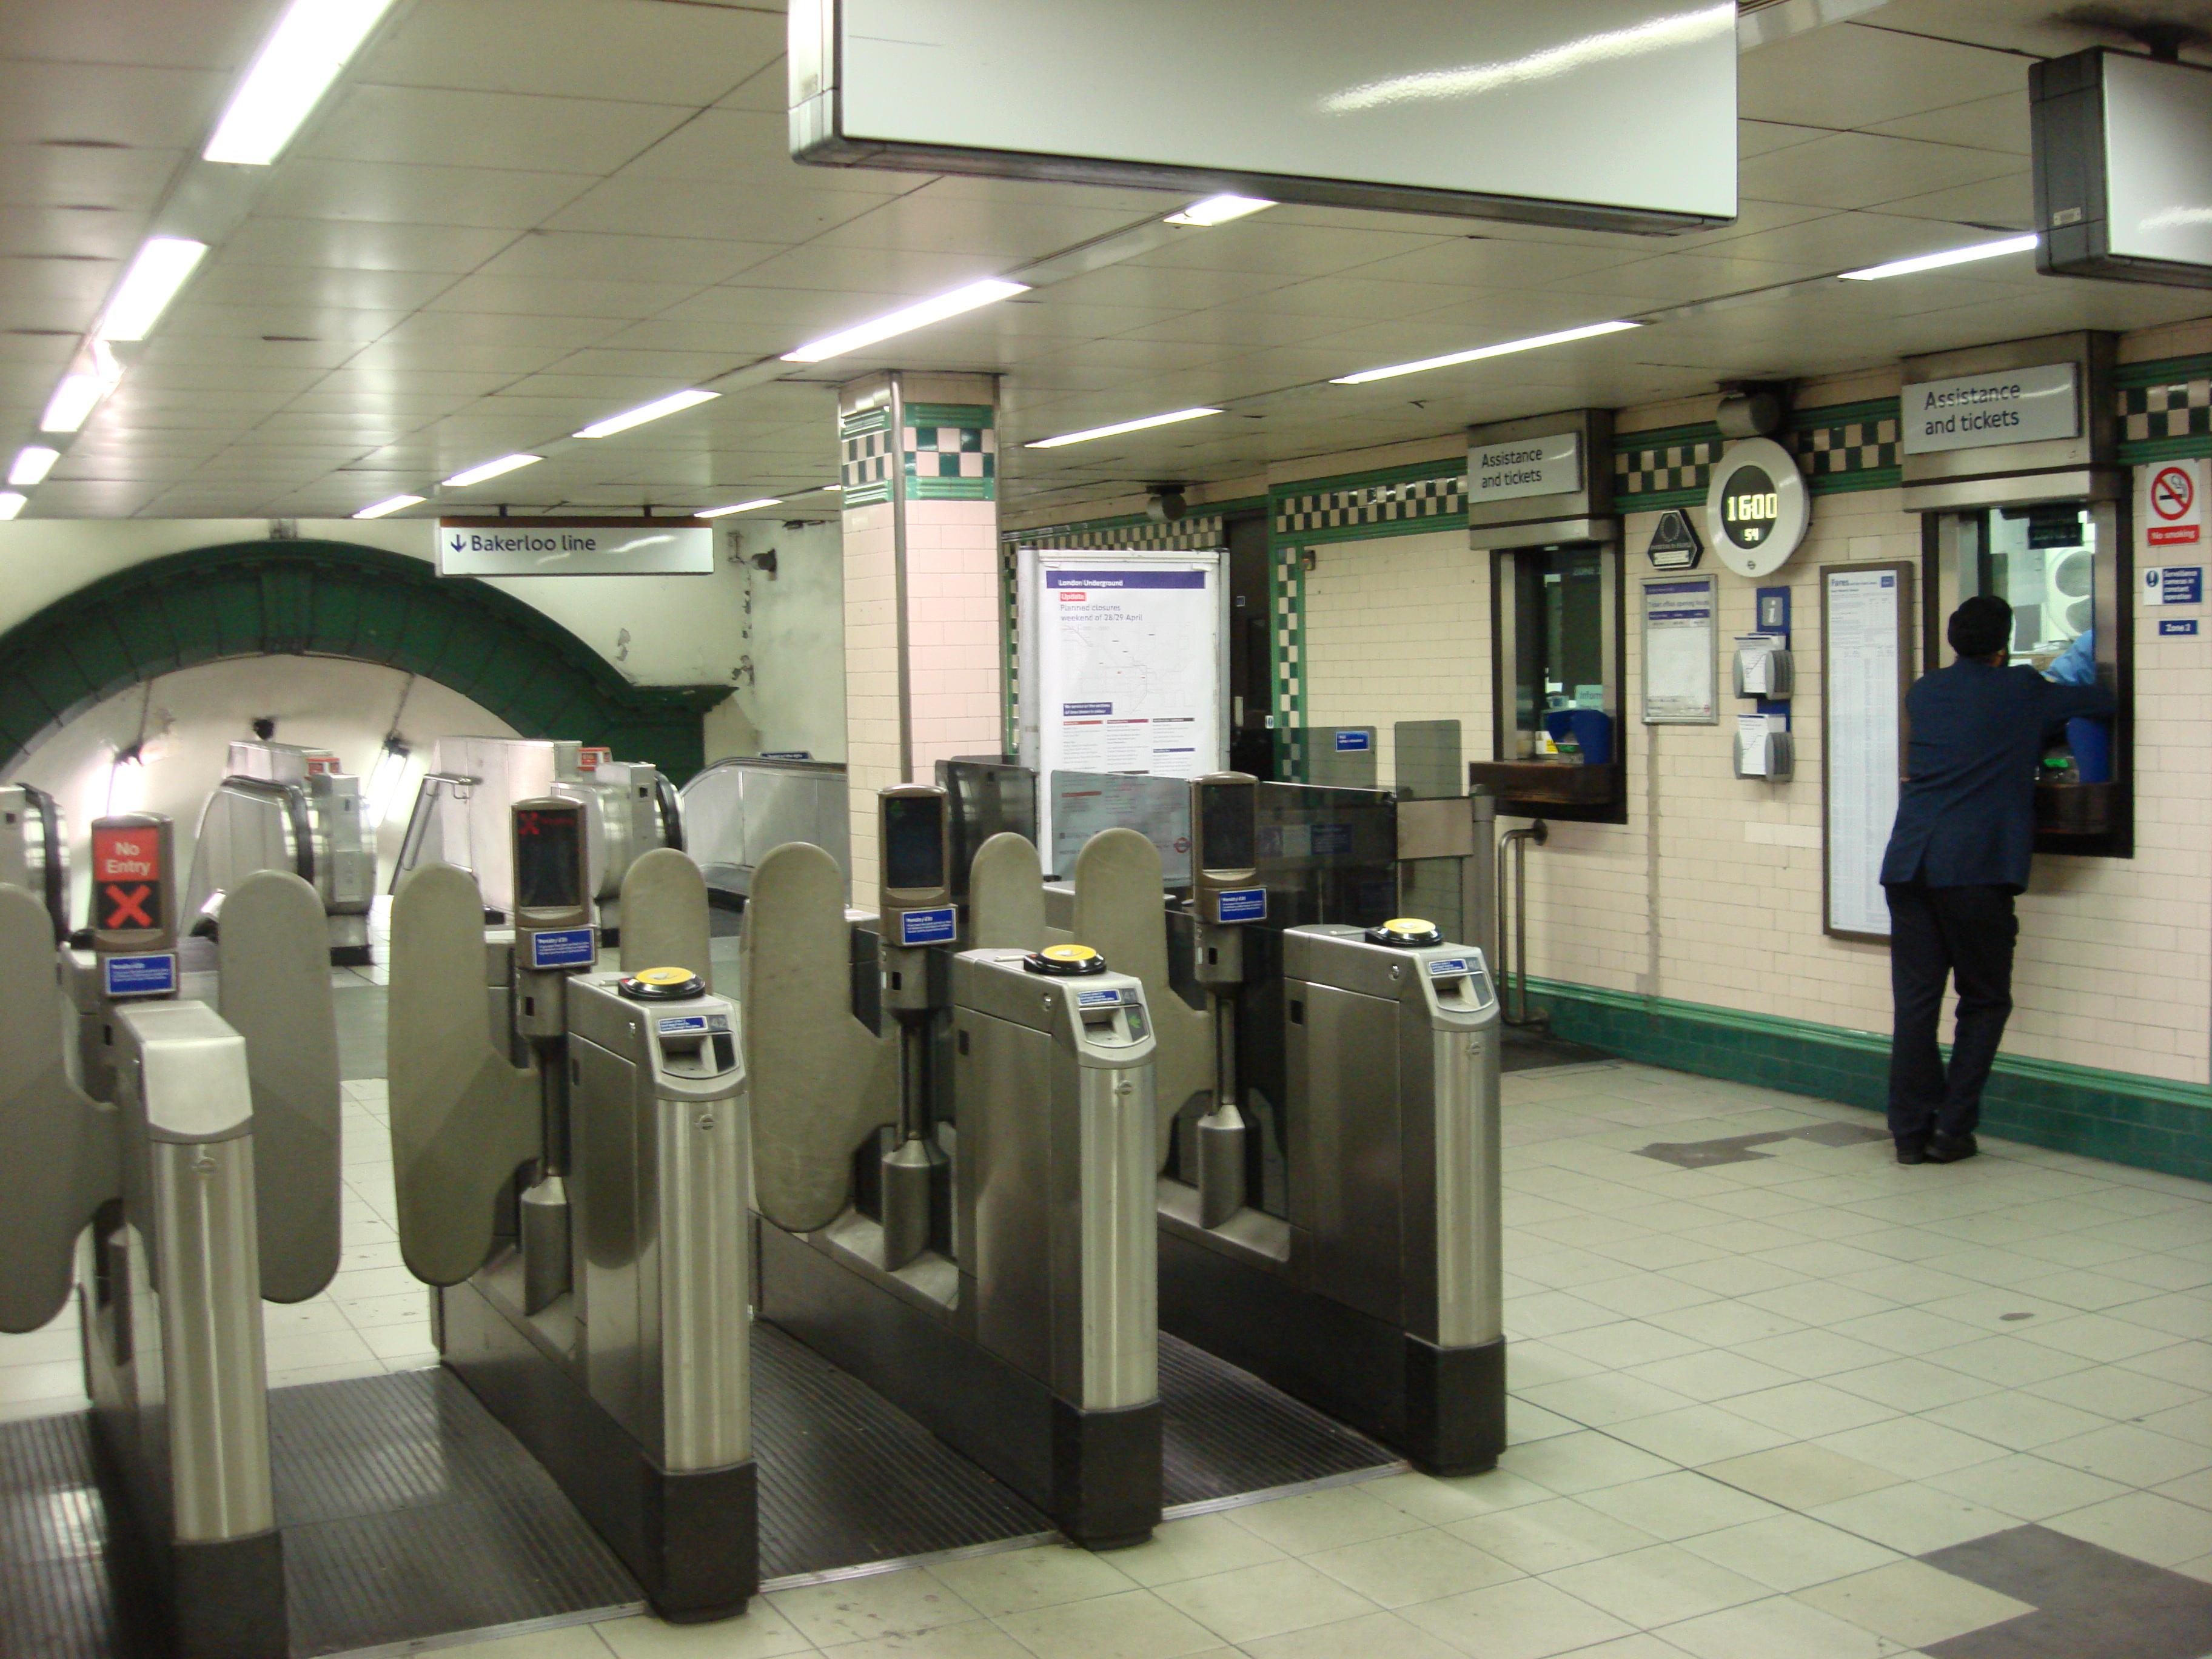 tube office. File:Warwick Avenue Tube Ticket Office.jpg Office